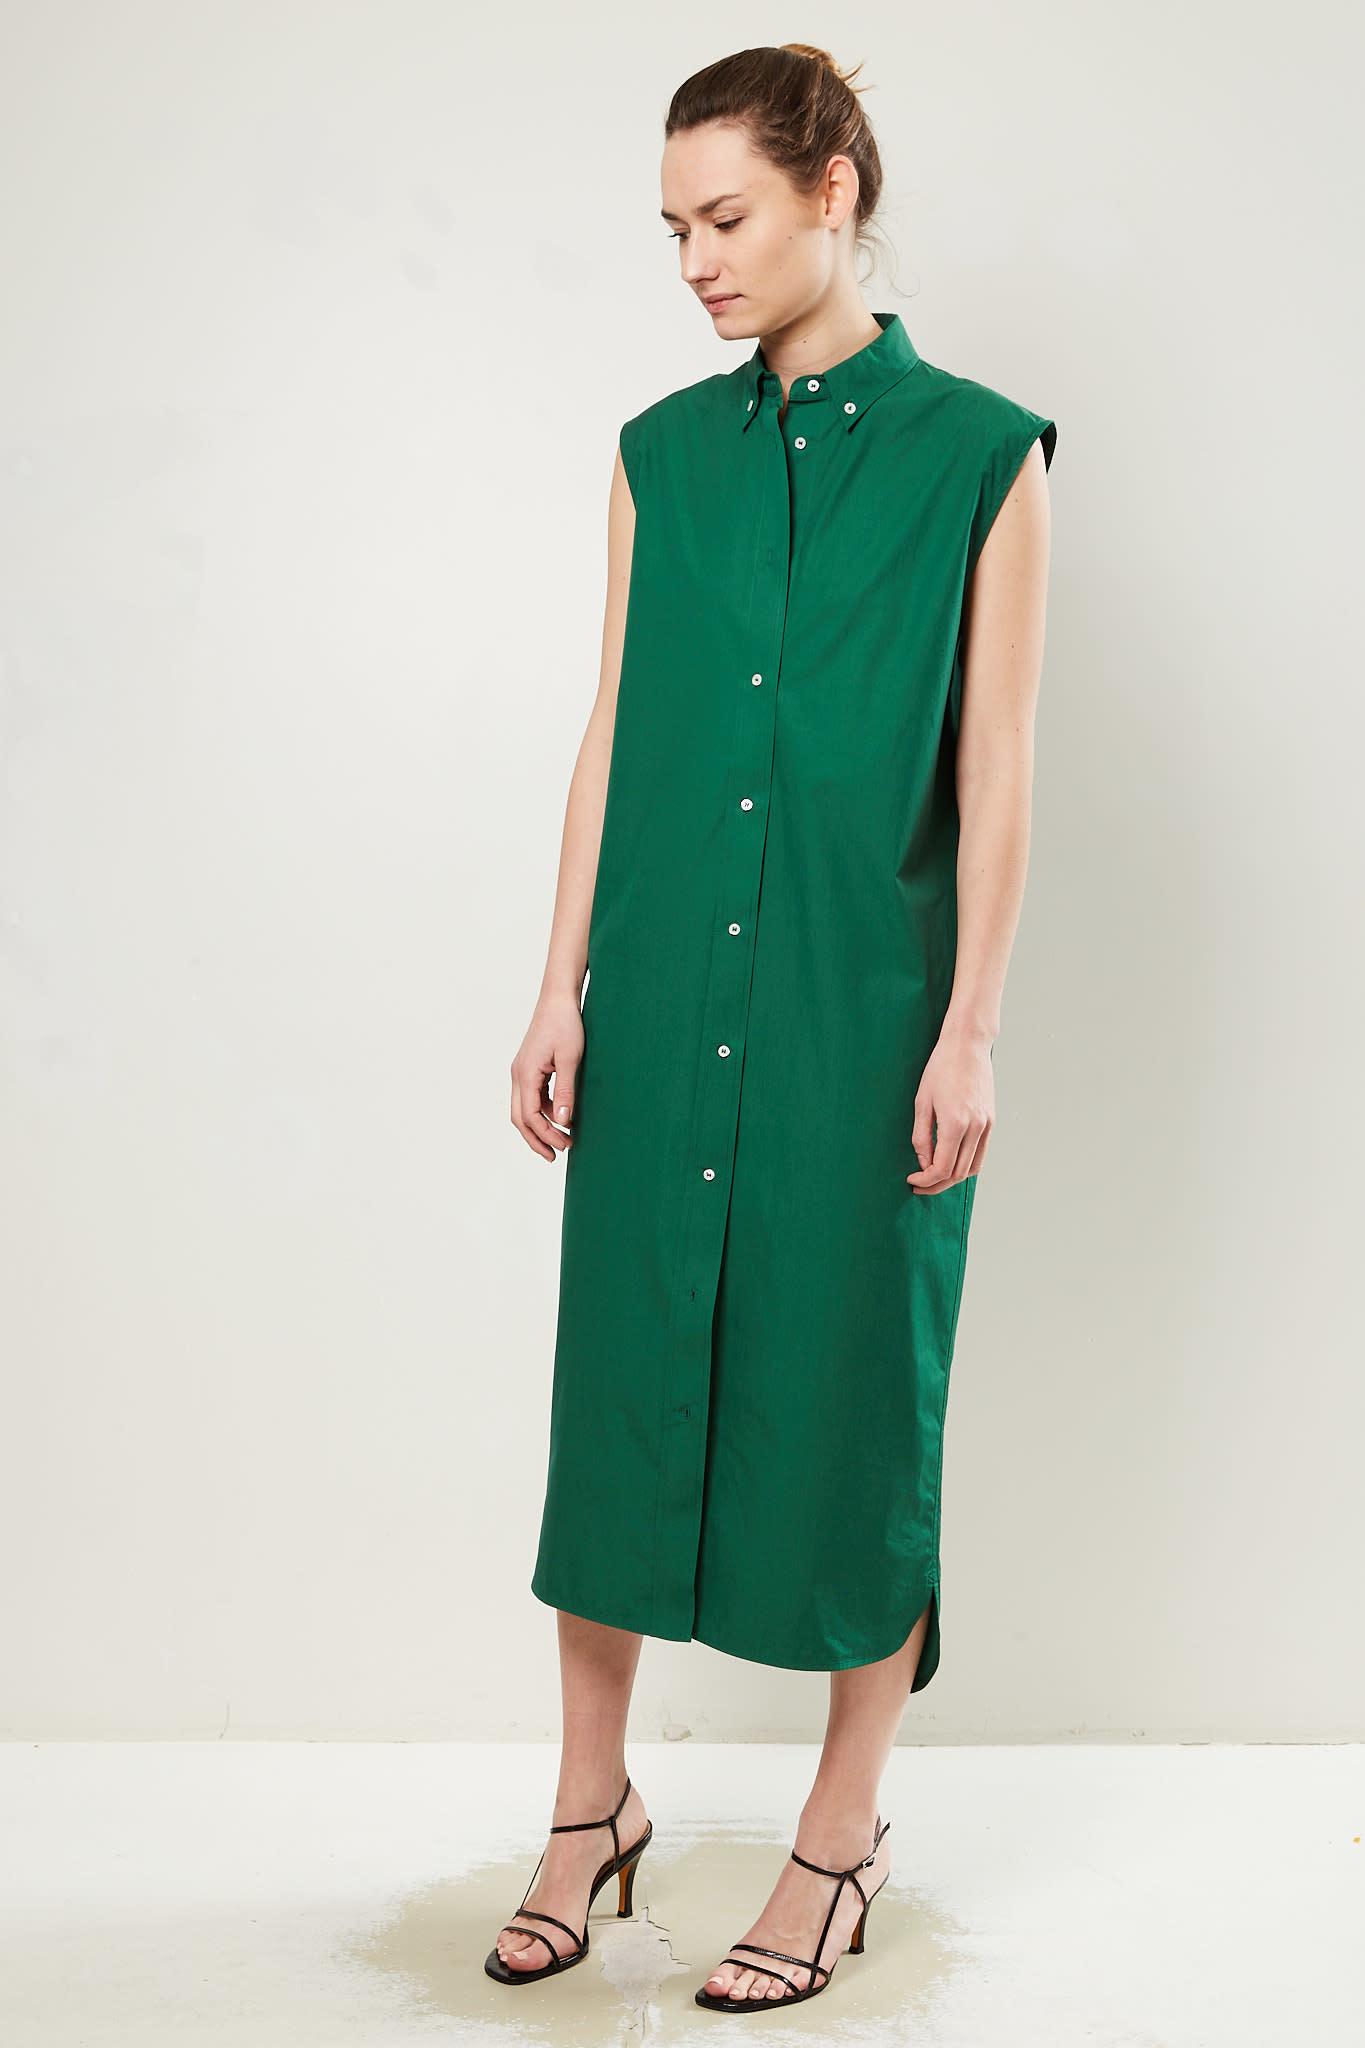 loulou studio - Ukara cotton dress